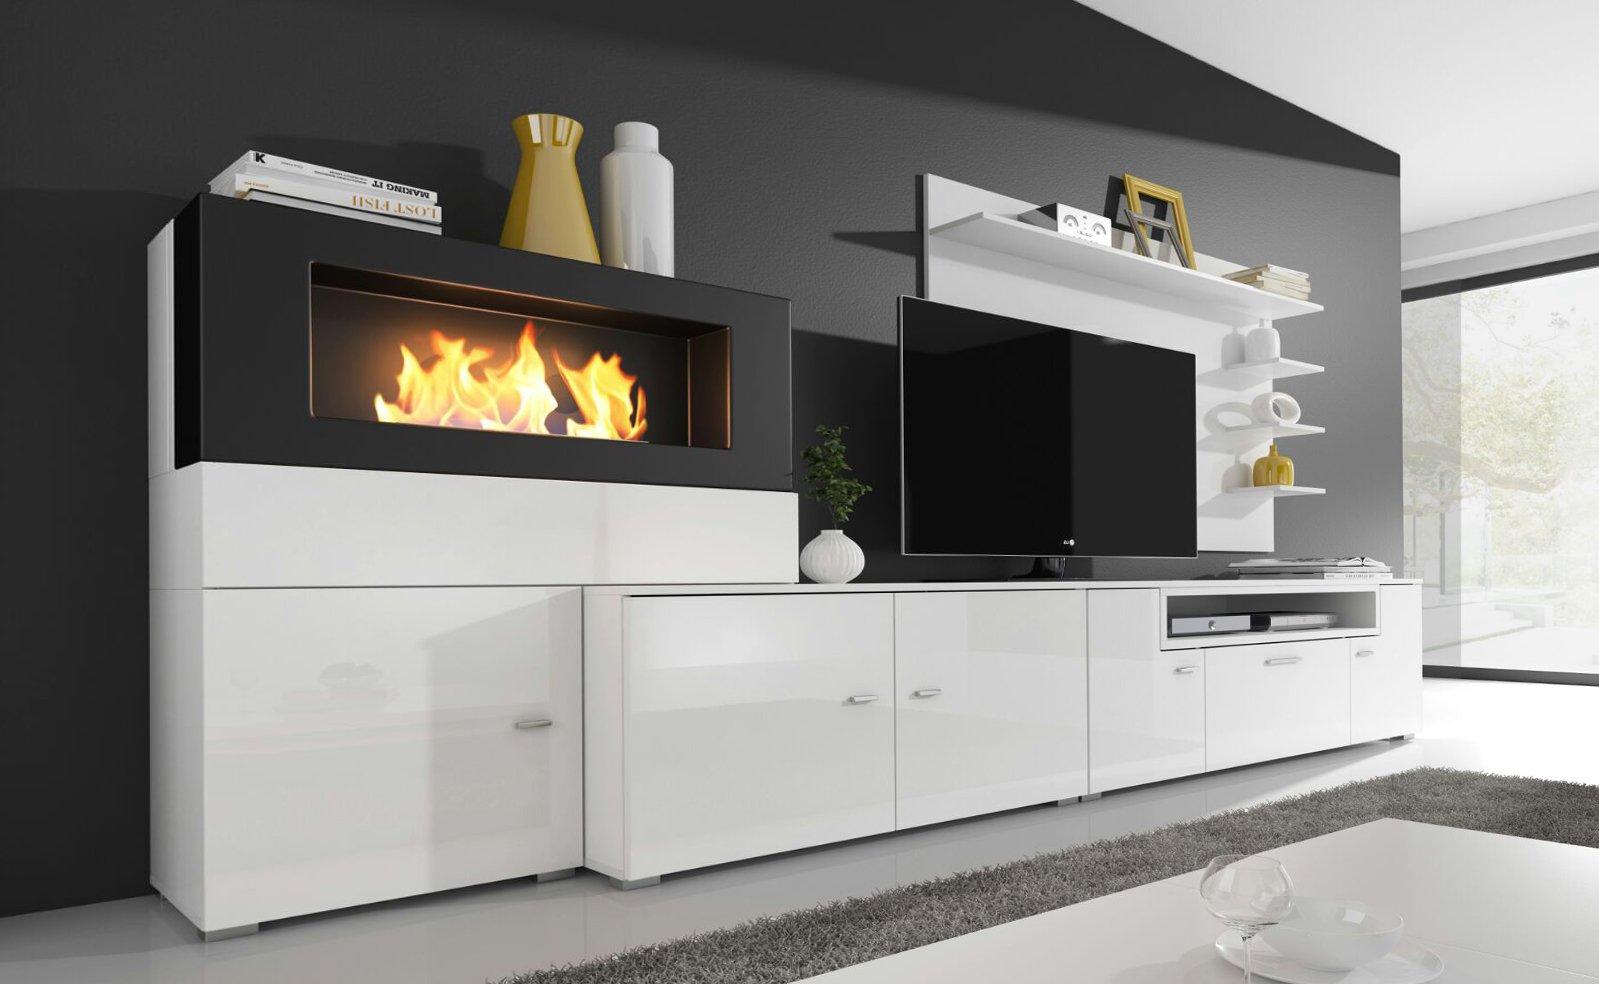 home innovation moderne wohnwand tv lowboard esszimmer mit kamin bioethanol schrankwand